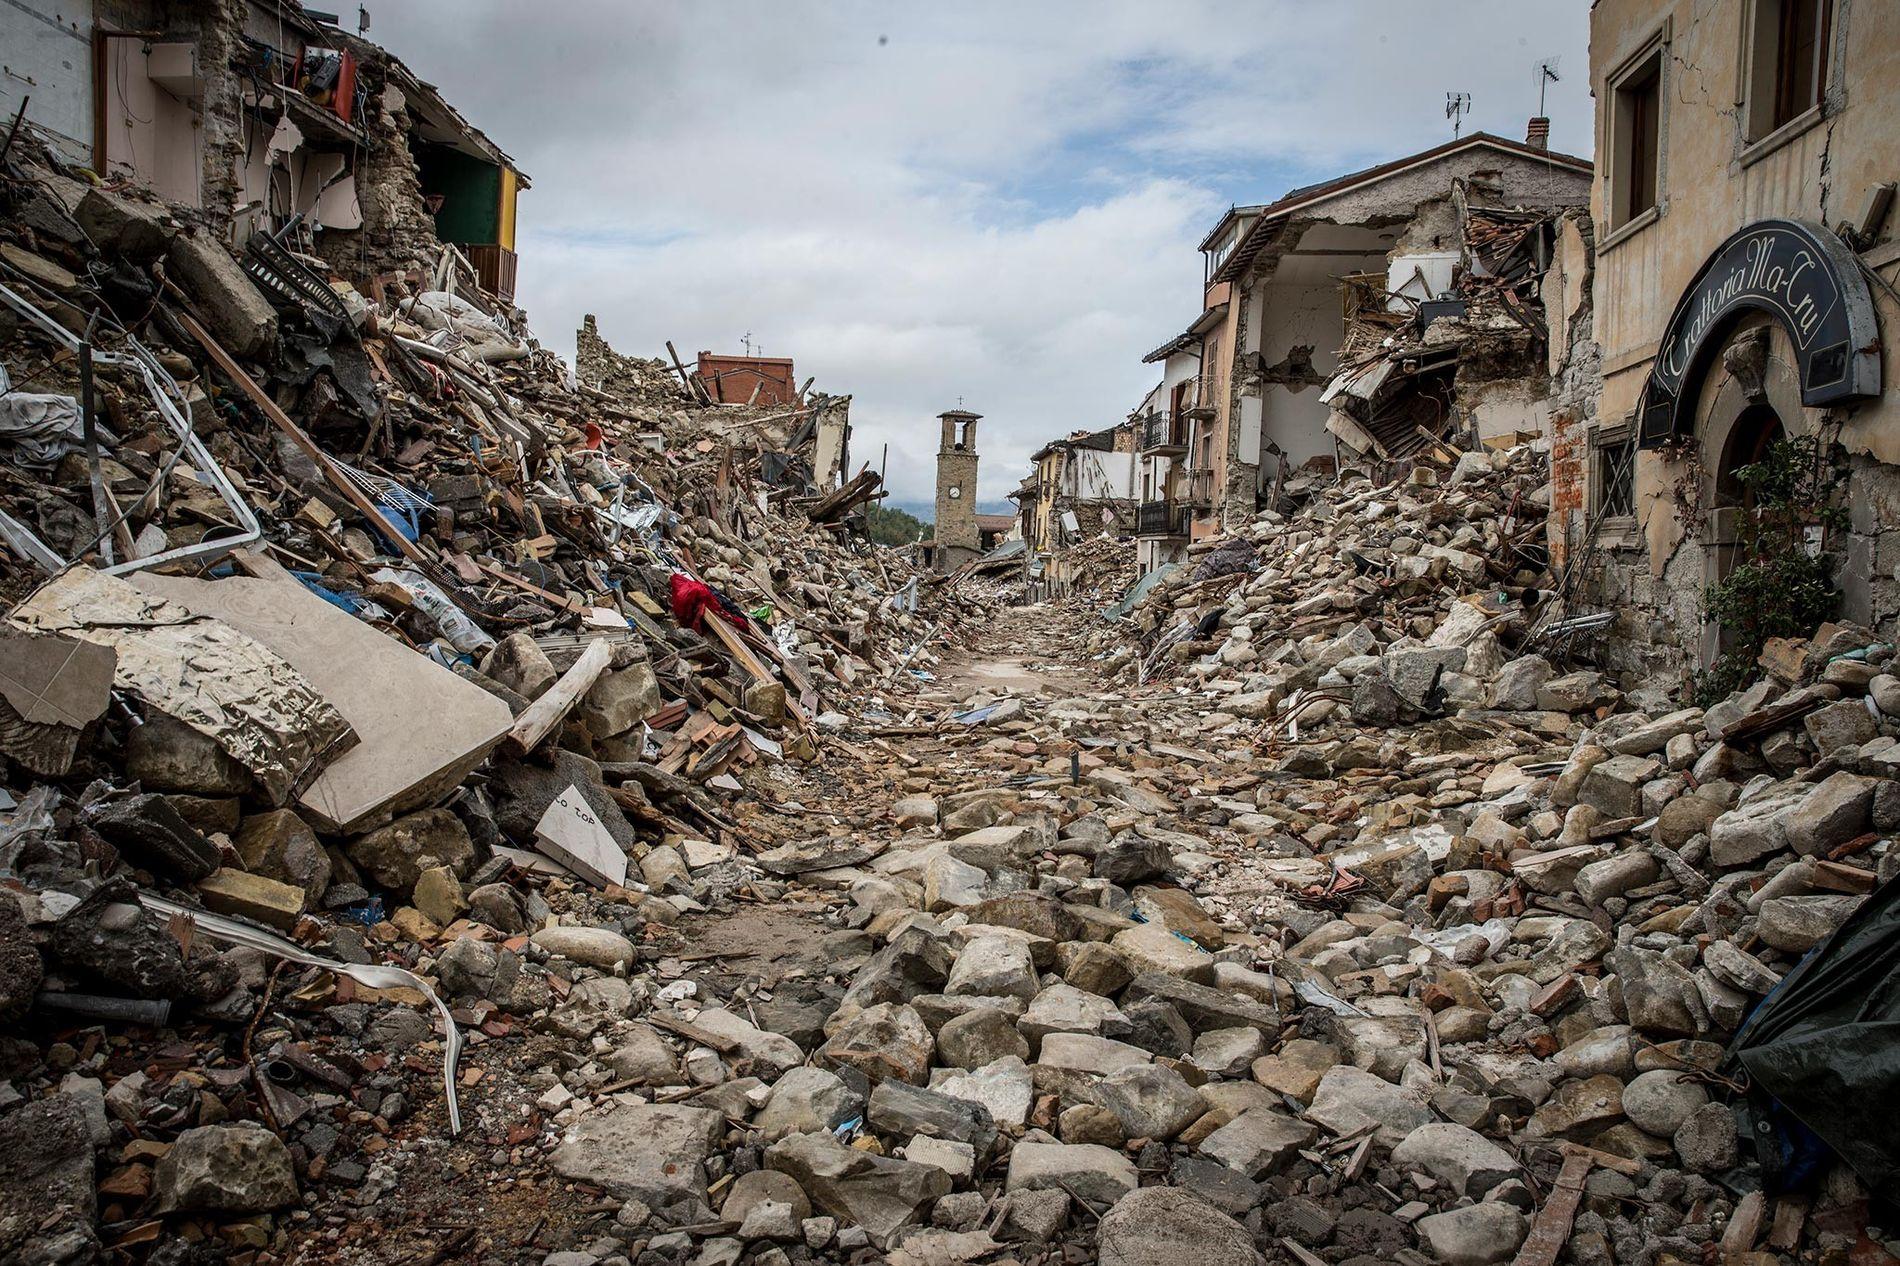 Près de 300 personnes sont mortes dans le tremblement de terre qui a frappé le village ...